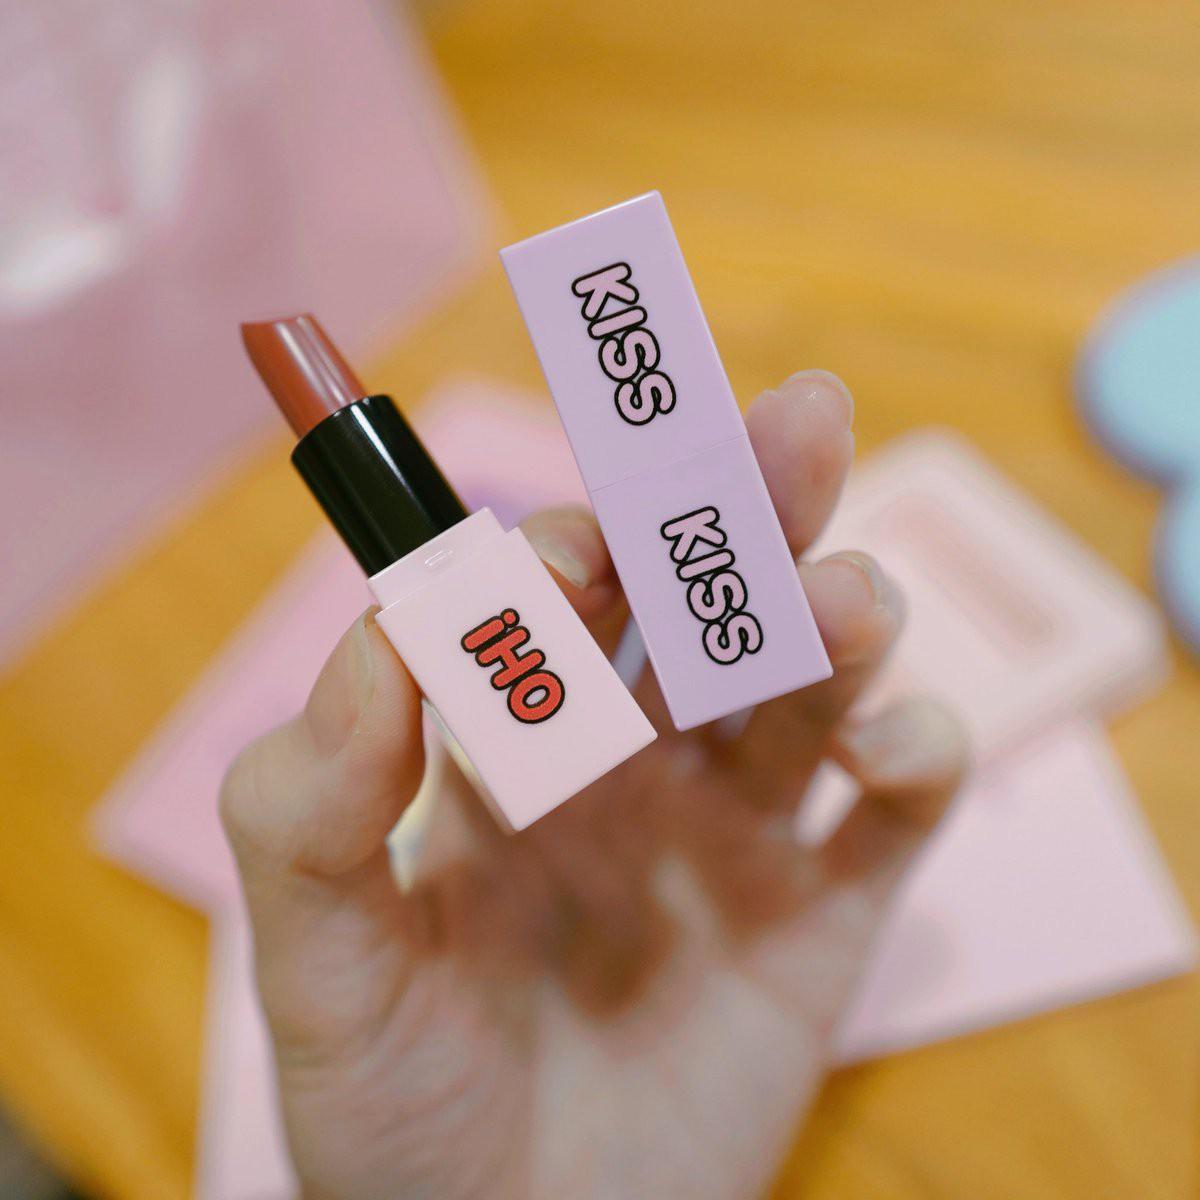 Ghen tị chưa: 3CE ra mắt bộ son mini đặc biệt với thiết kế siêu xinh dành riêng cho thị trường Thái Lan - Ảnh 9.